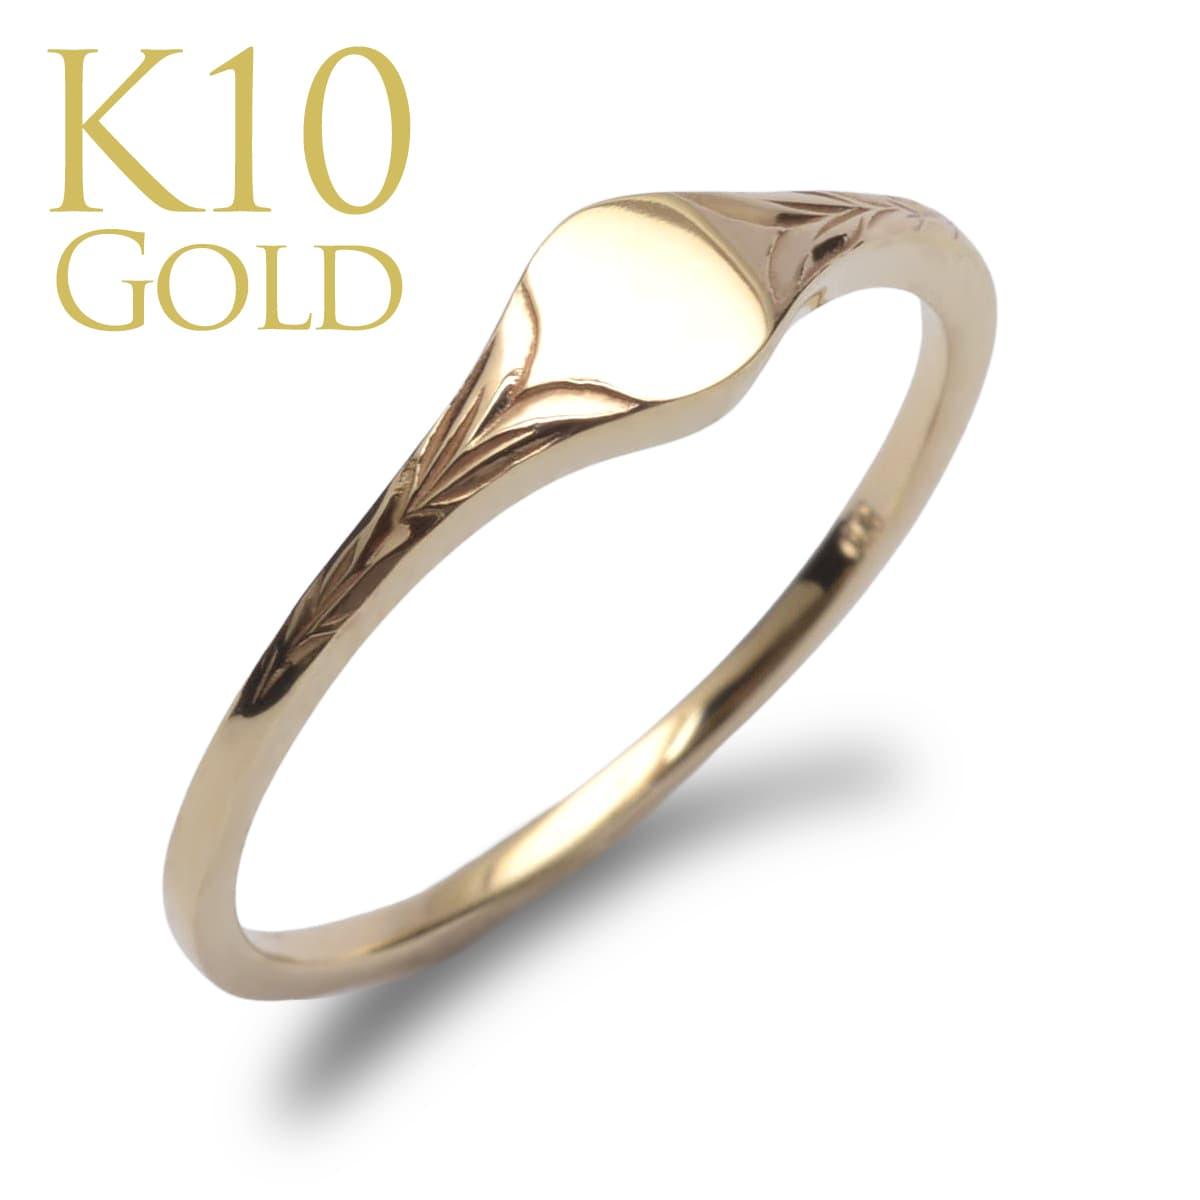 ハワイアンジュエリー 指輪 リング K10 ゴールド プチ シグネット ゴールドリング 10金 k10 ゴールド イエローゴールド /新作 ari1675k10